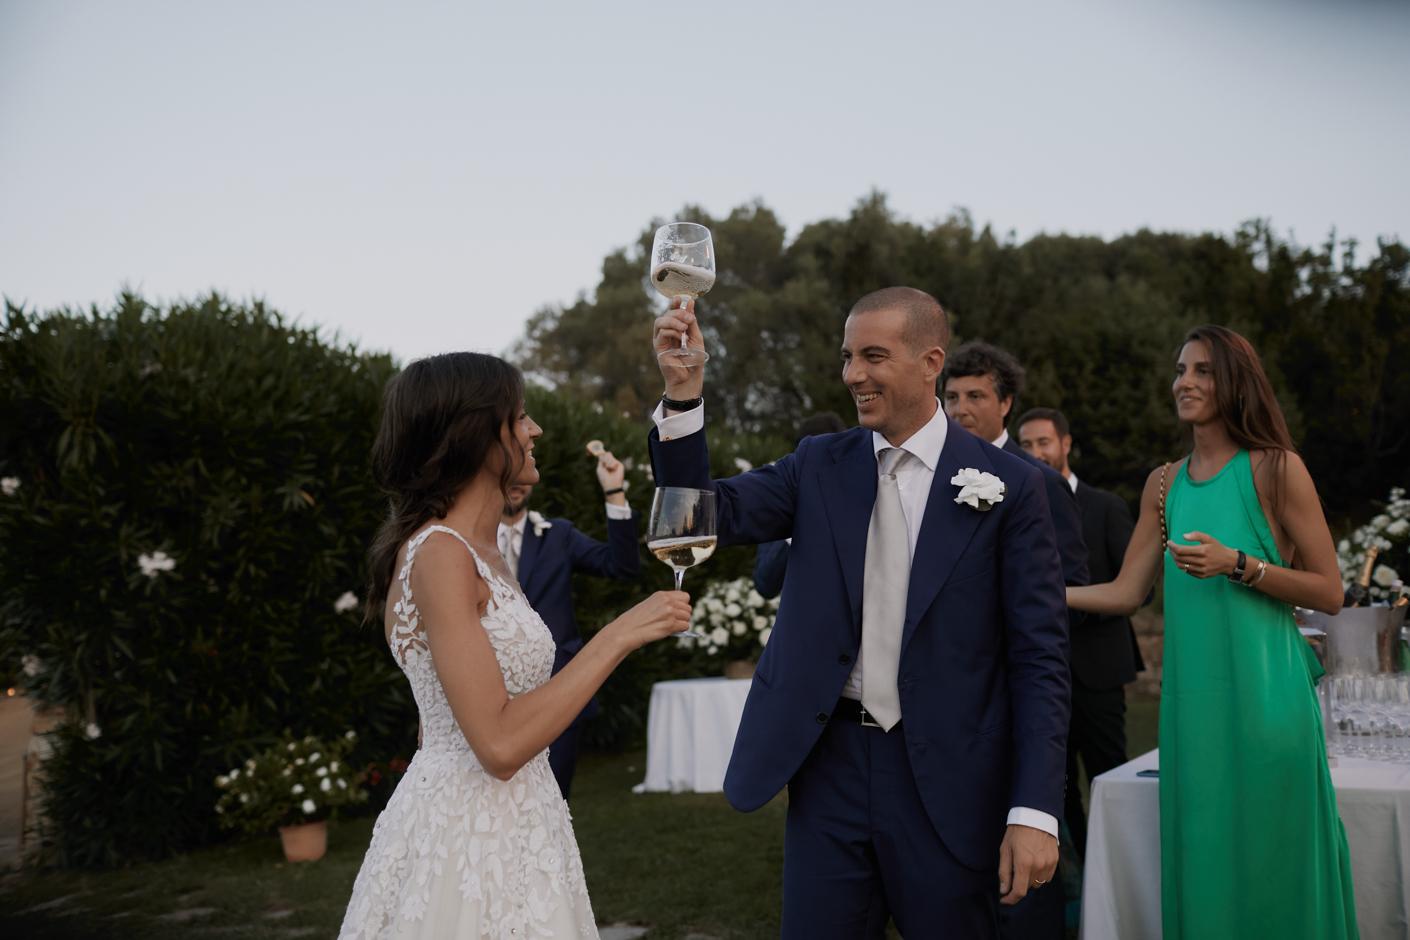 gli sposi all'arrivo brindano con champagne